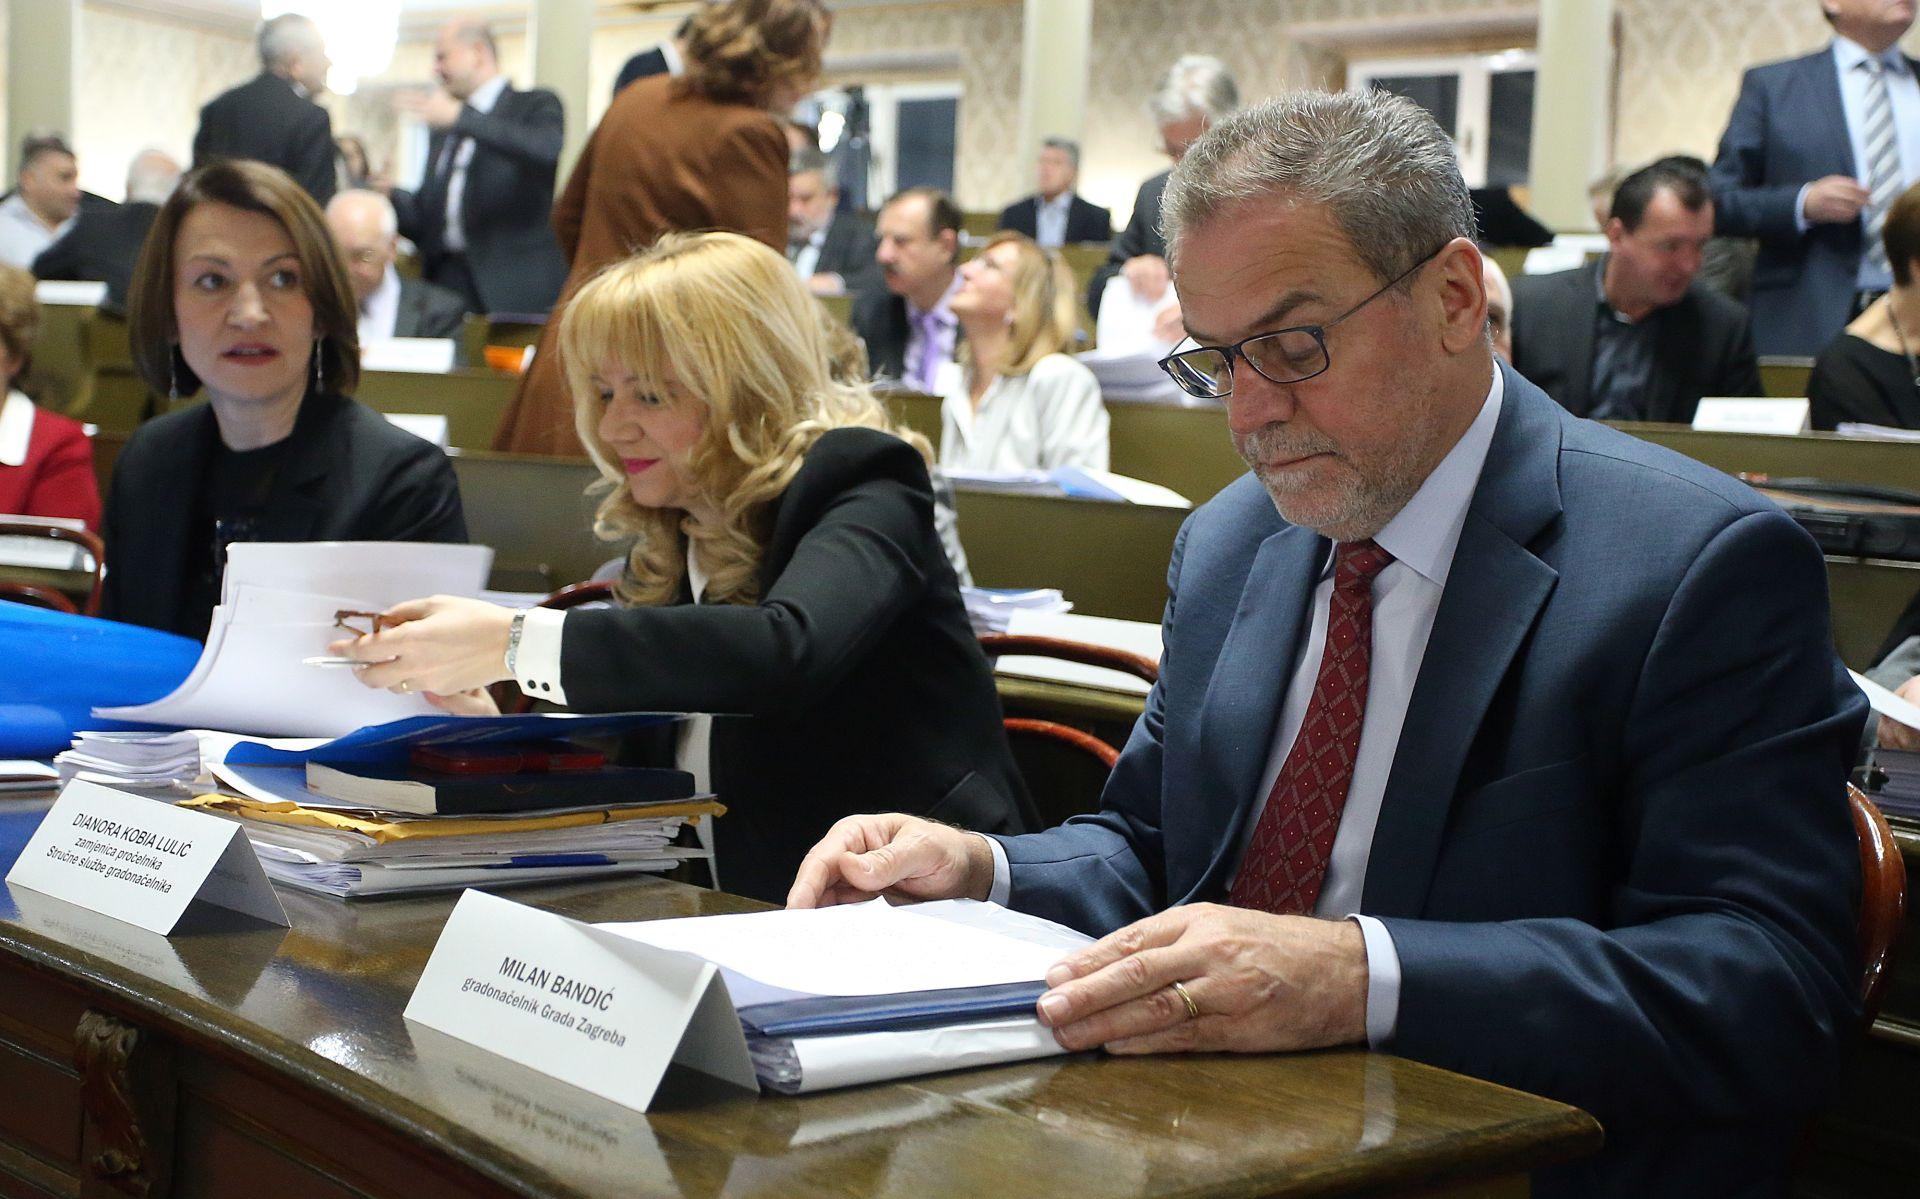 SJEDNICA GRADSKE SKUPŠTINE: Odbijen prijedlog zagrebačkog proračuna za 2017. u 1. čitanju